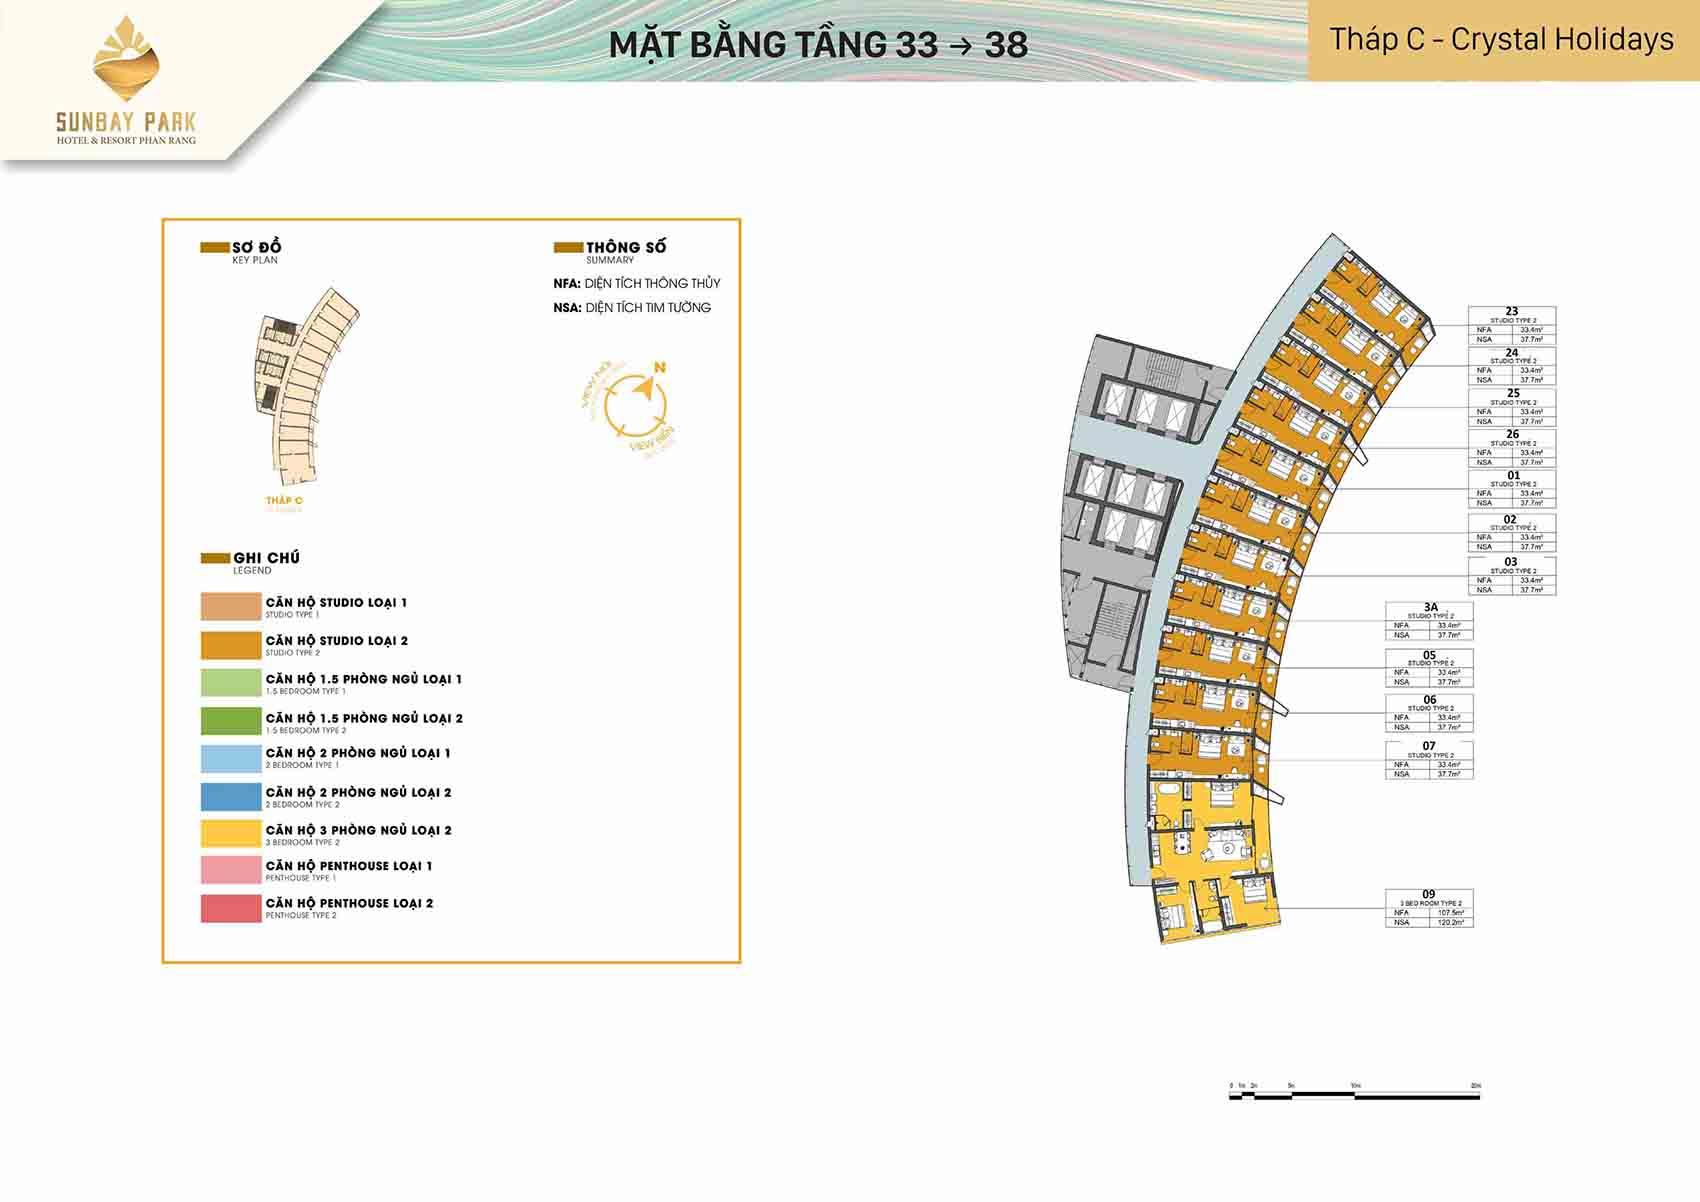 Mặt bằng thiết kế tòa C Crystal Holidays tầng từ 33-38 dự án Sunbay Park Phan Rang Ninh Thuận